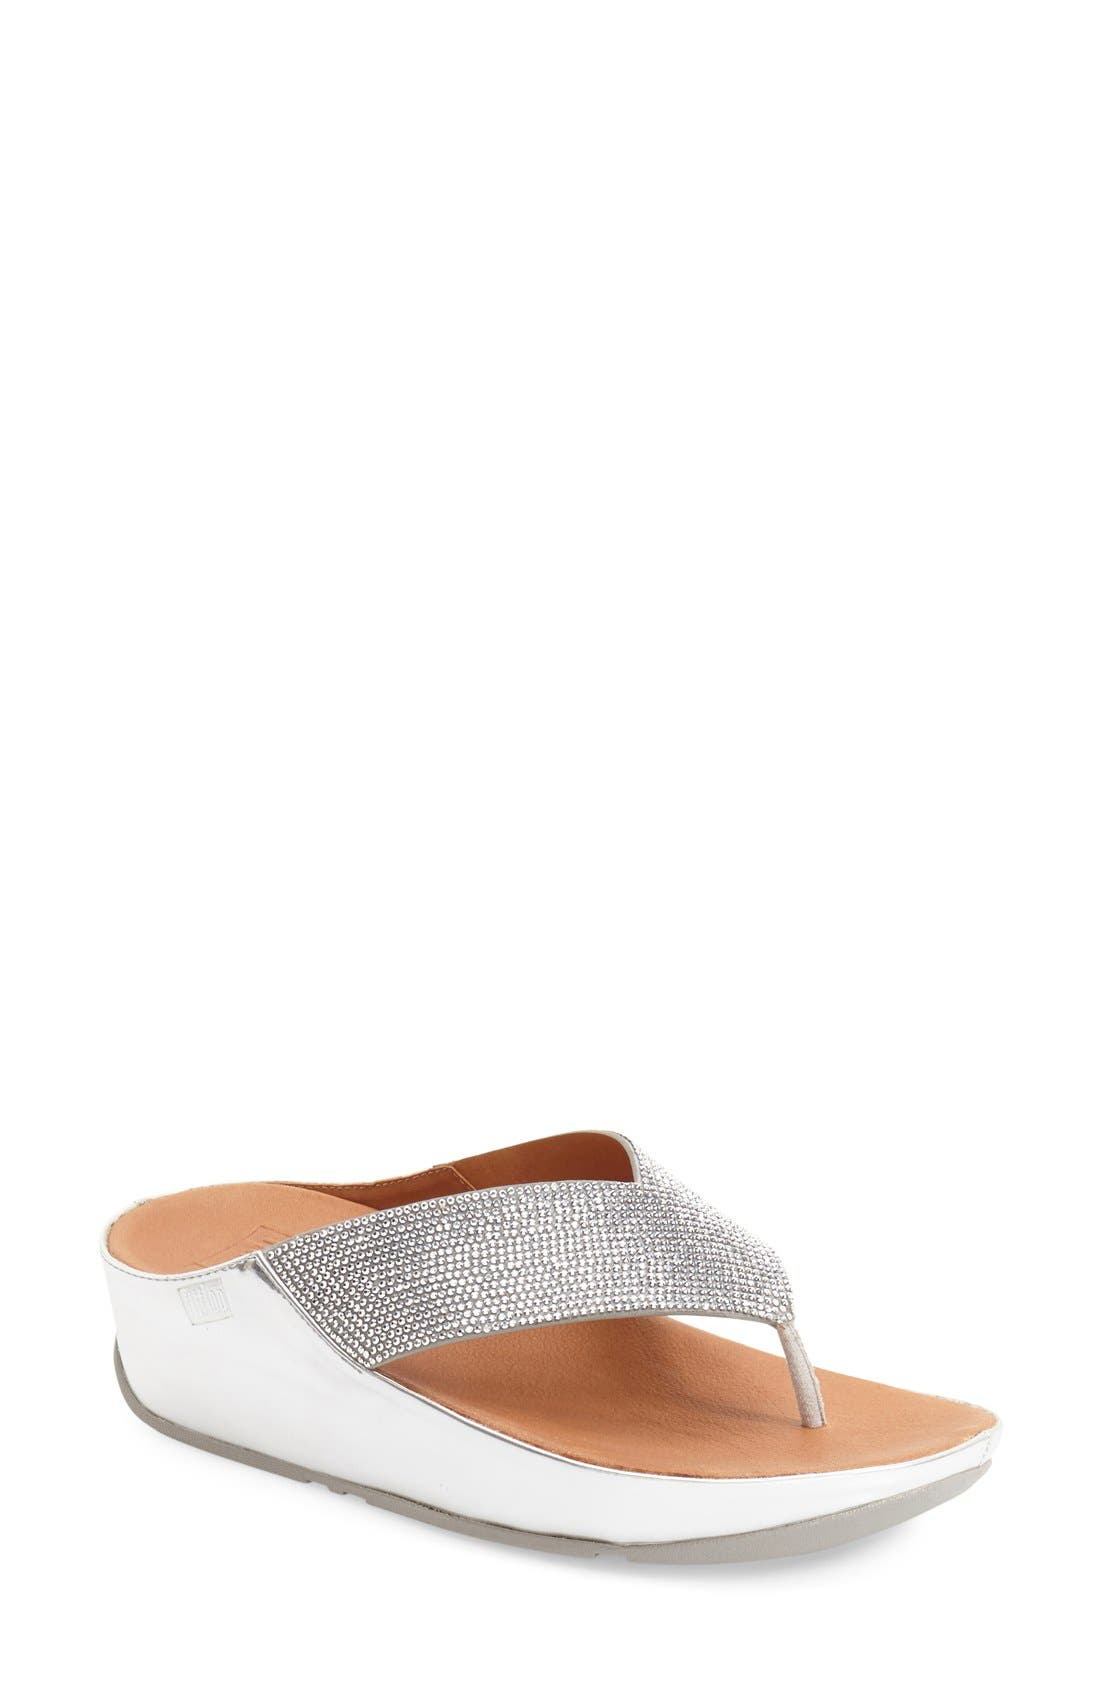 FITFLOP 'Crystall' Crystal Embellished Platform Sandal